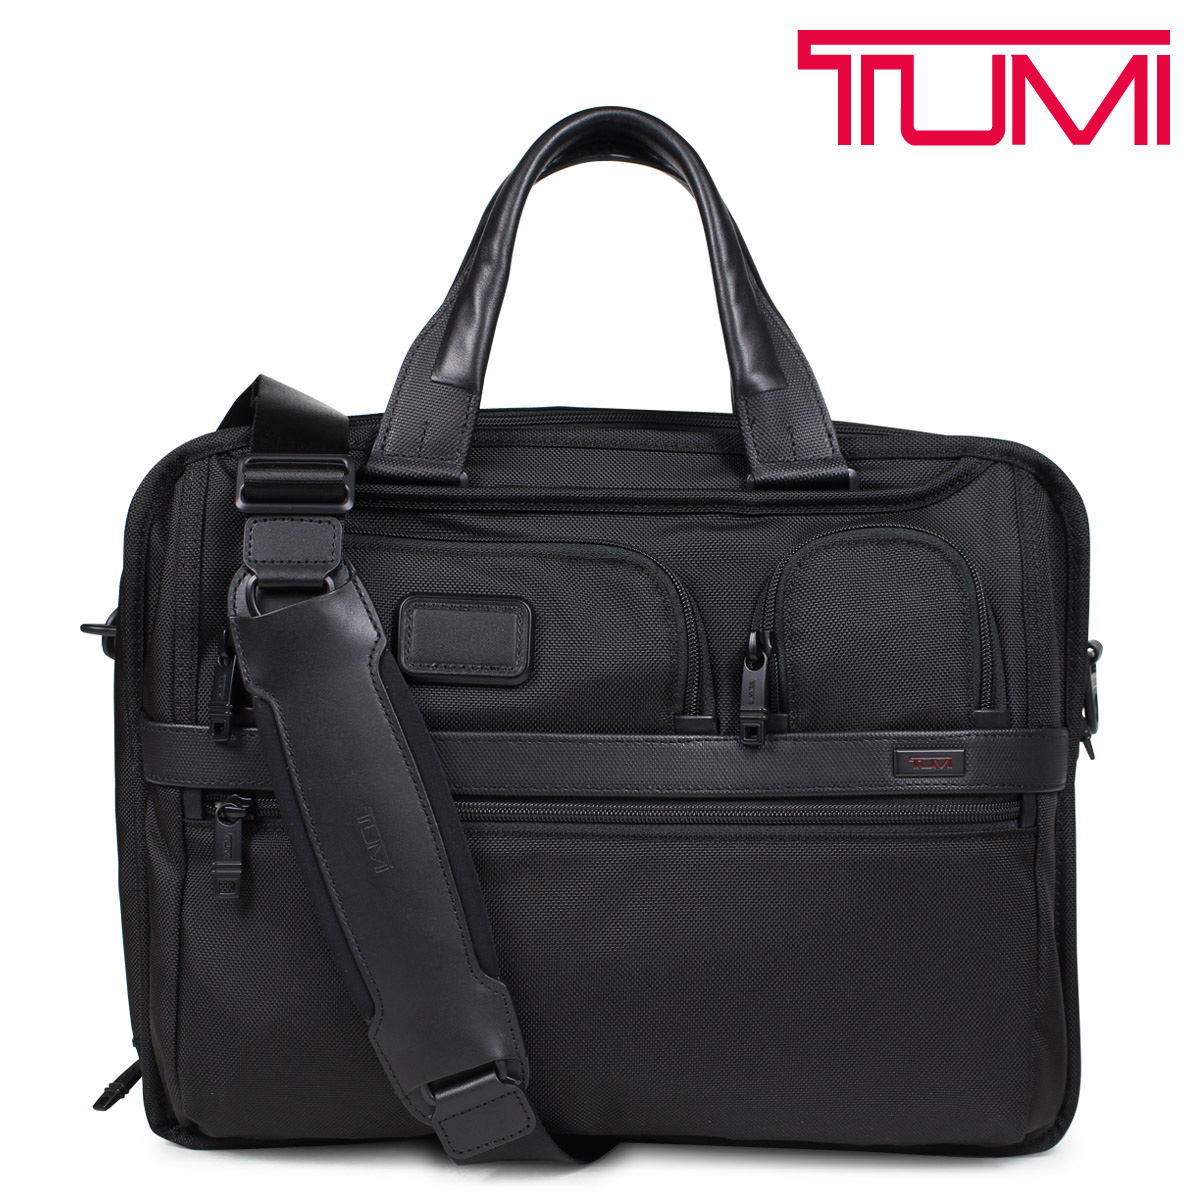 TUMI T-PASS EXPANDABLE LAPTOP BRIEF トゥミ ビジネス バッグ メンズ ALPHA2 ブリーフケース ブラック 26145D2